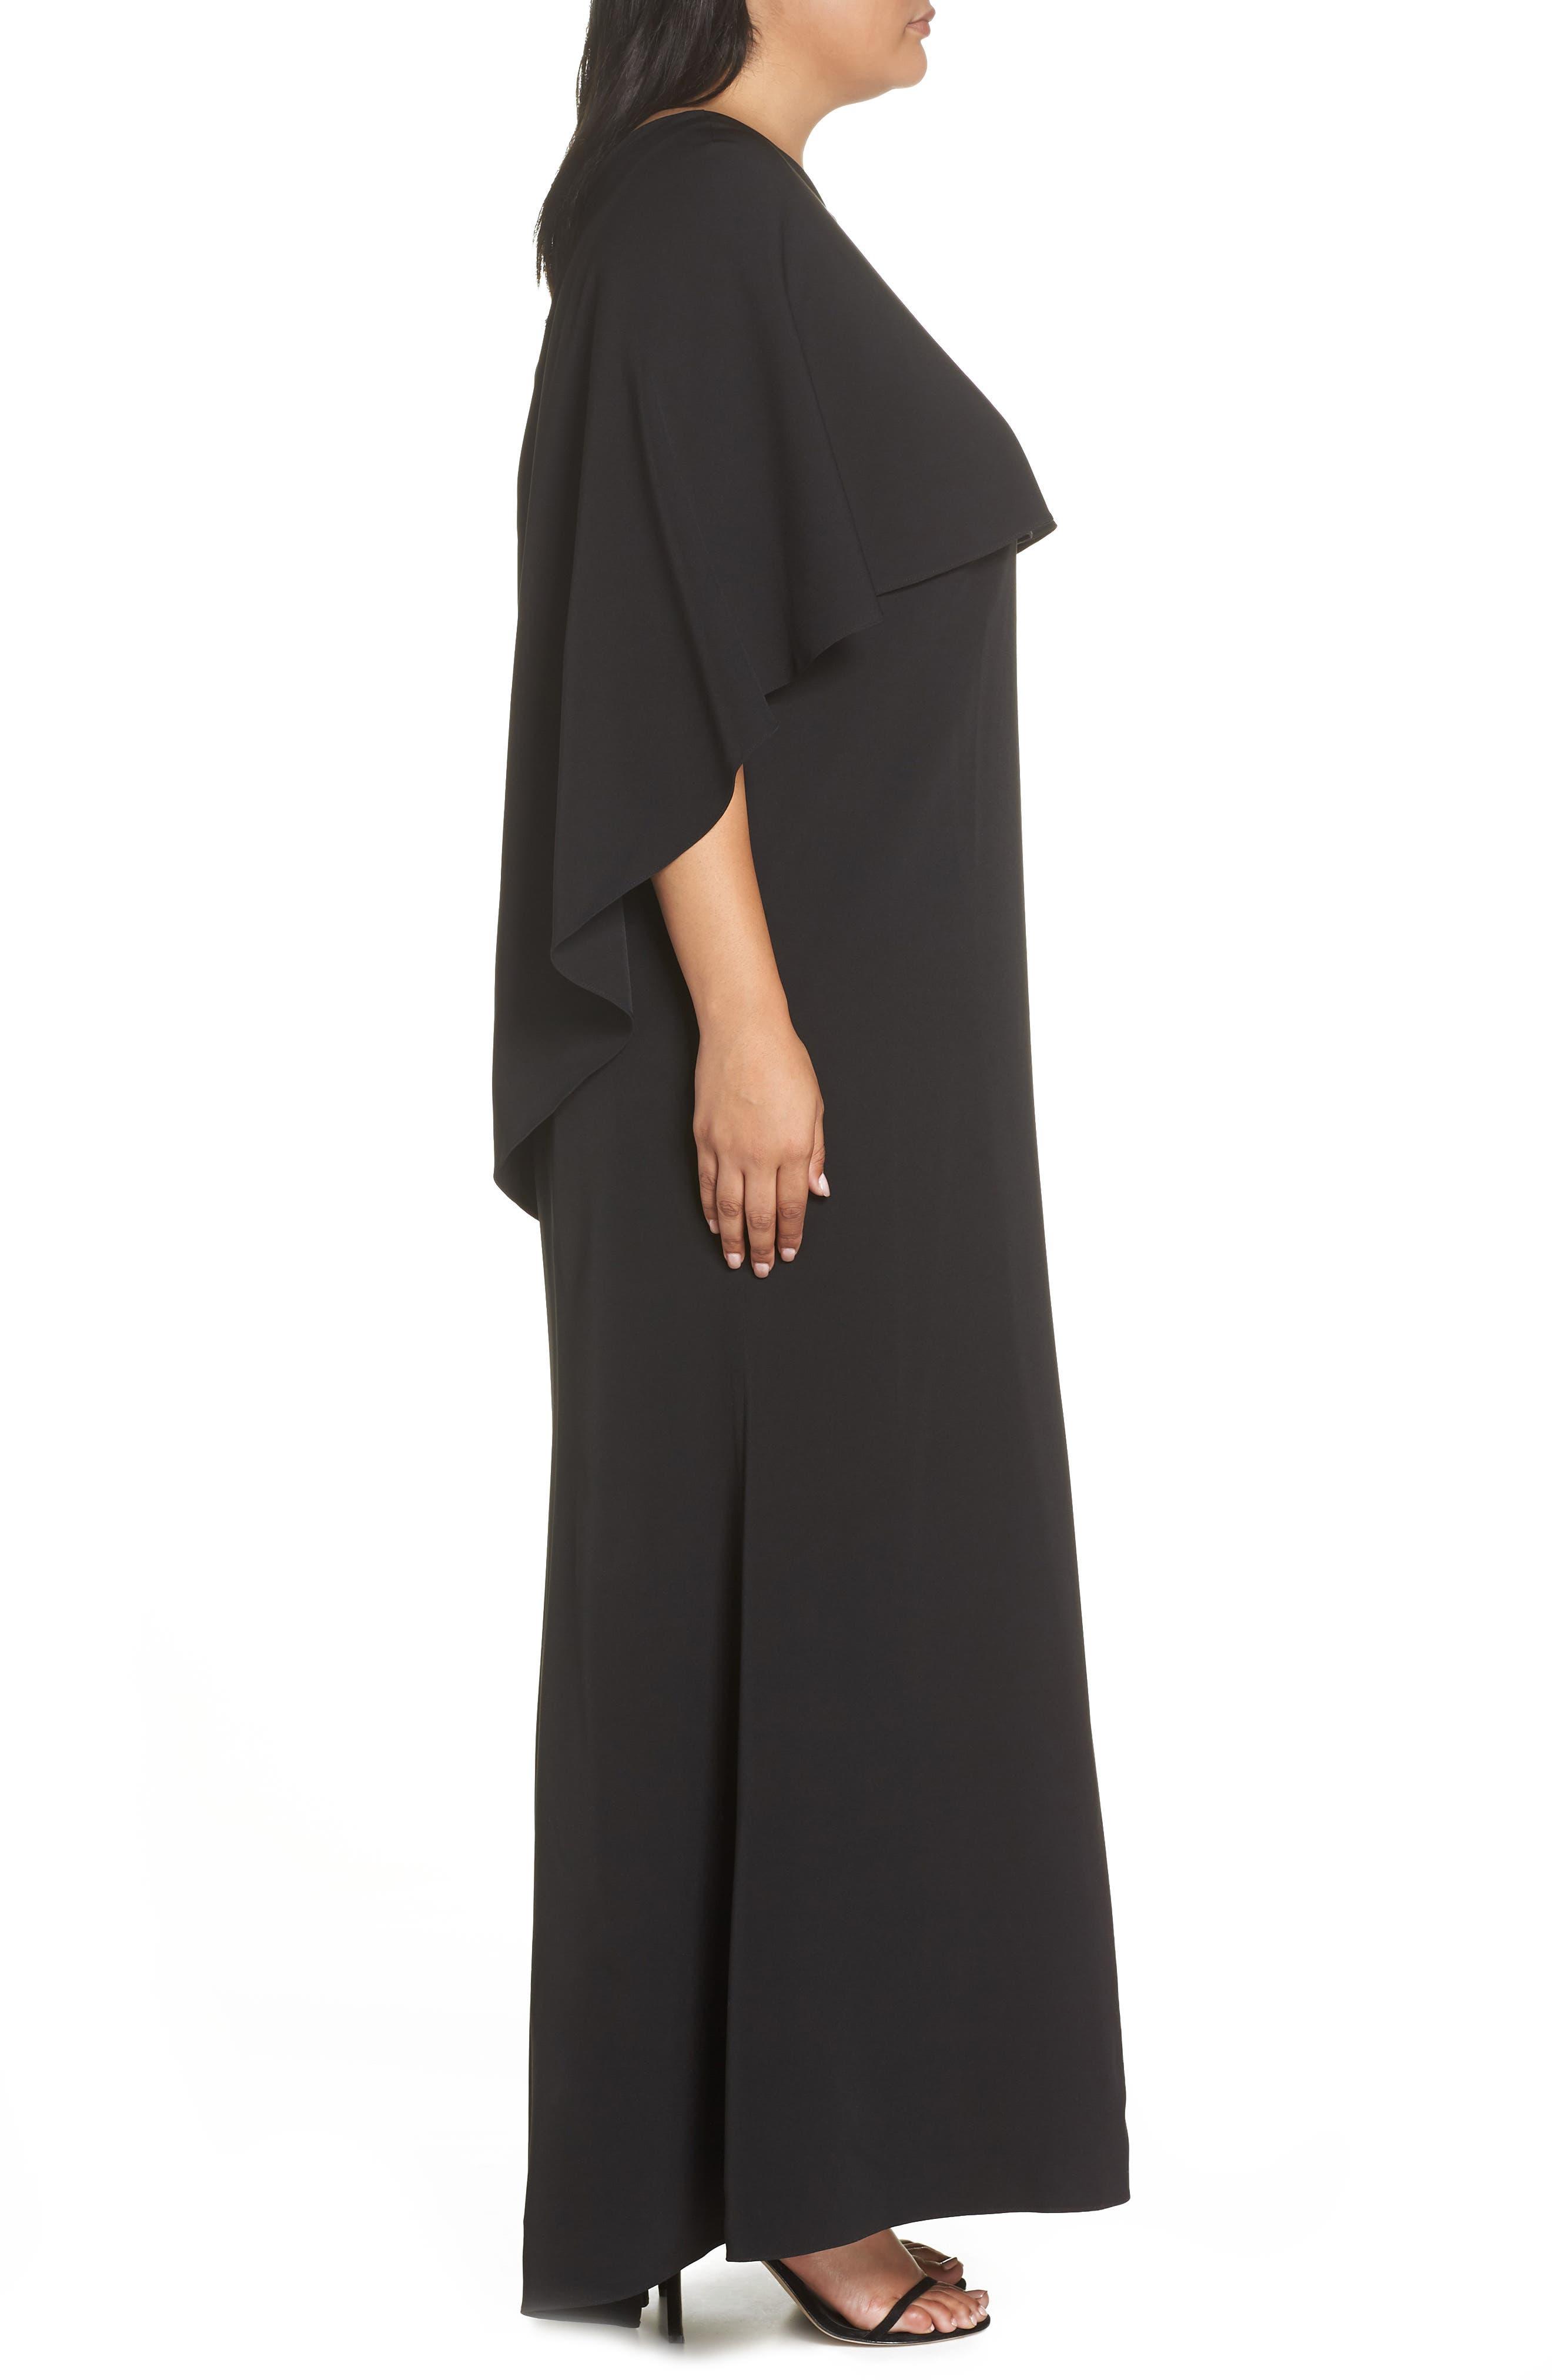 VINCE CAMUTO, One-Shoulder Cape Gown, Alternate thumbnail 4, color, BLACK